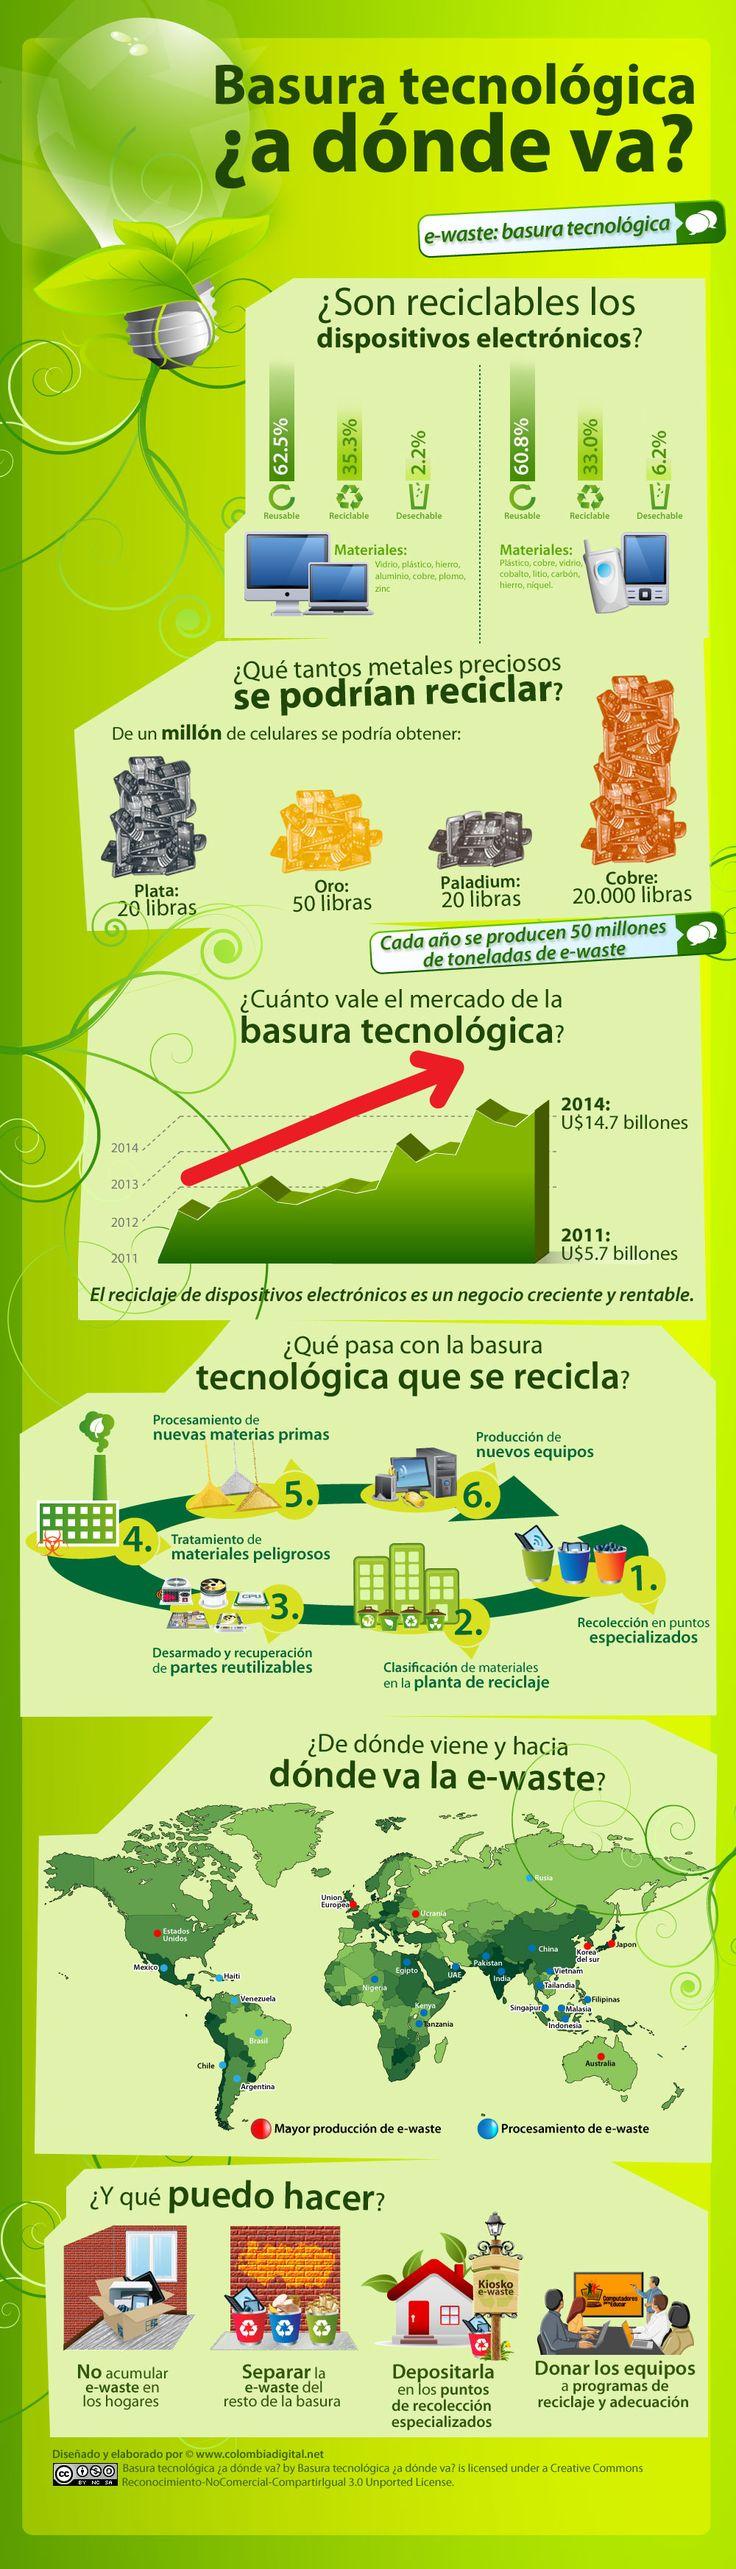 Conoce el potencial de los residuos electrónicos. #basuraelectrónica #residuoselectrónicos #e-waste